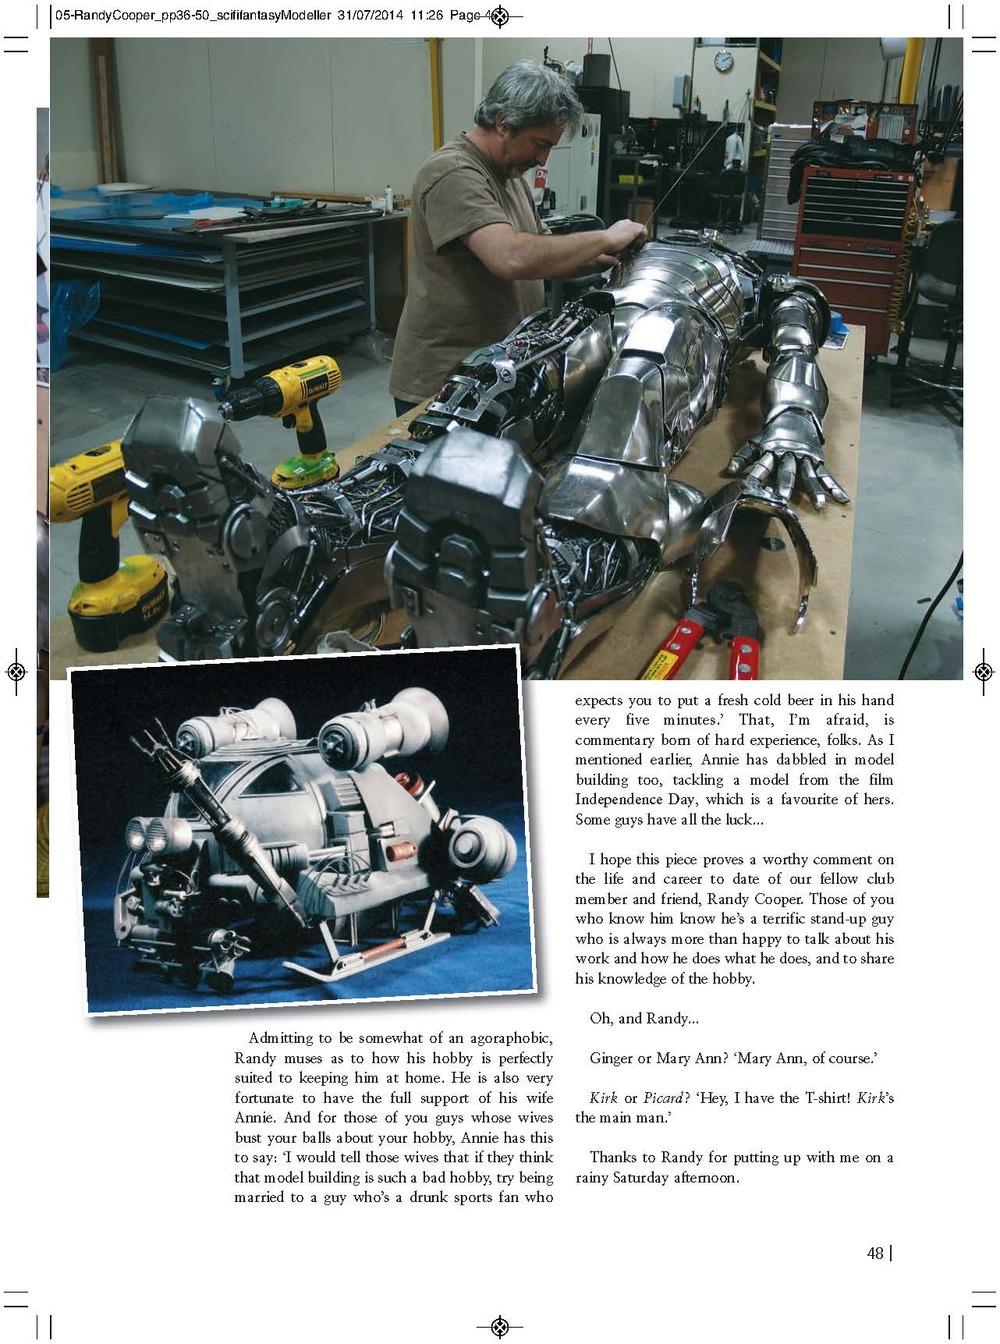 scififantasyModeller 1_Page_13.jpg